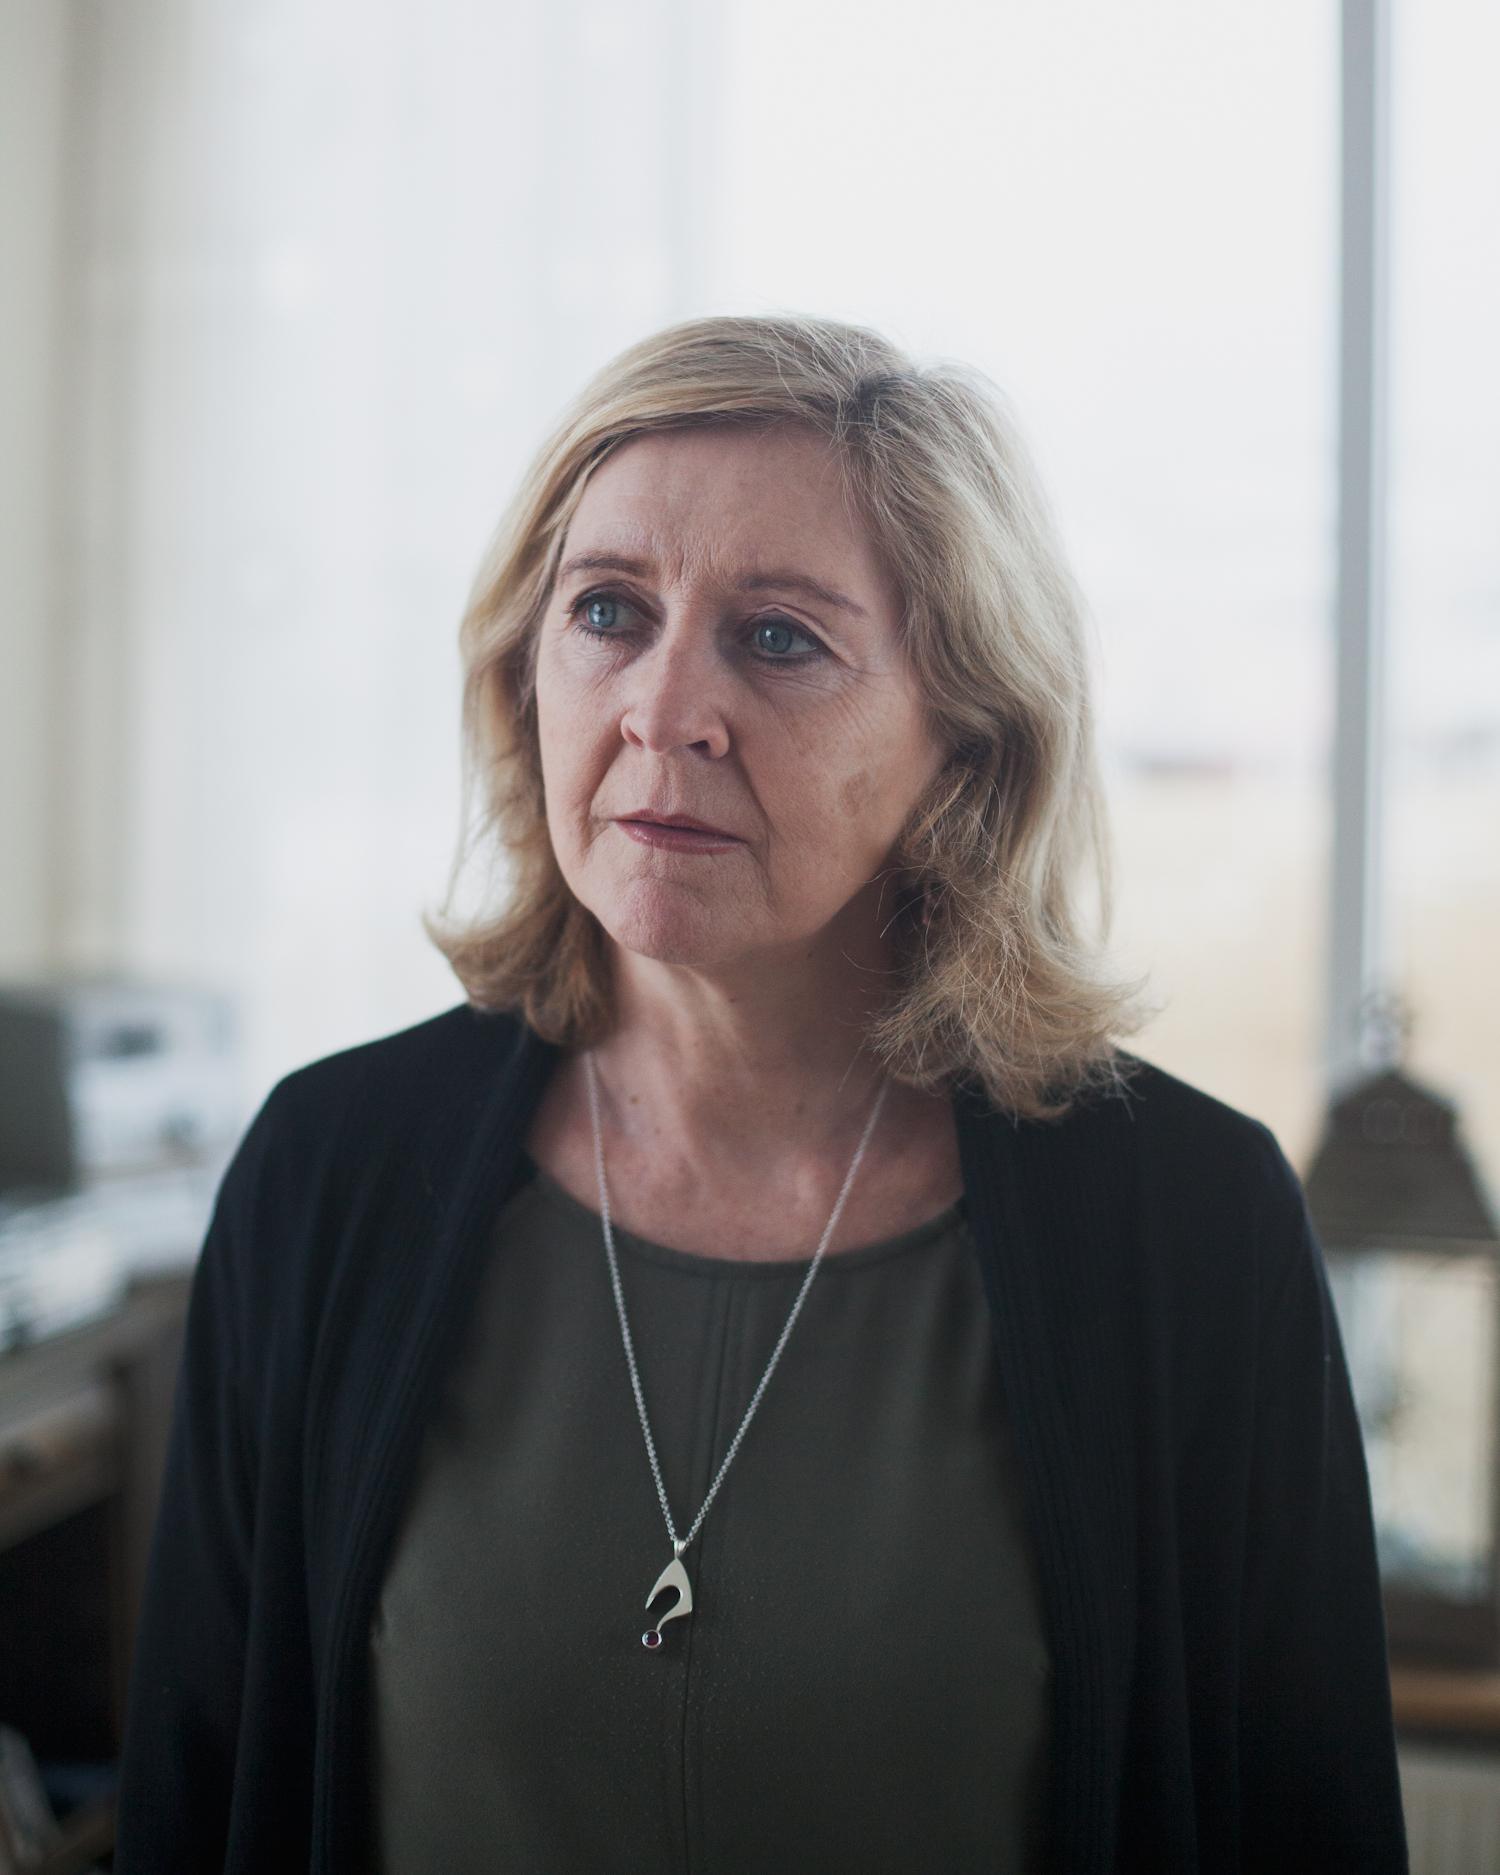 Kristín Jóhannsdóttir, Vestmannaeyjar, 2015.  Project Statement